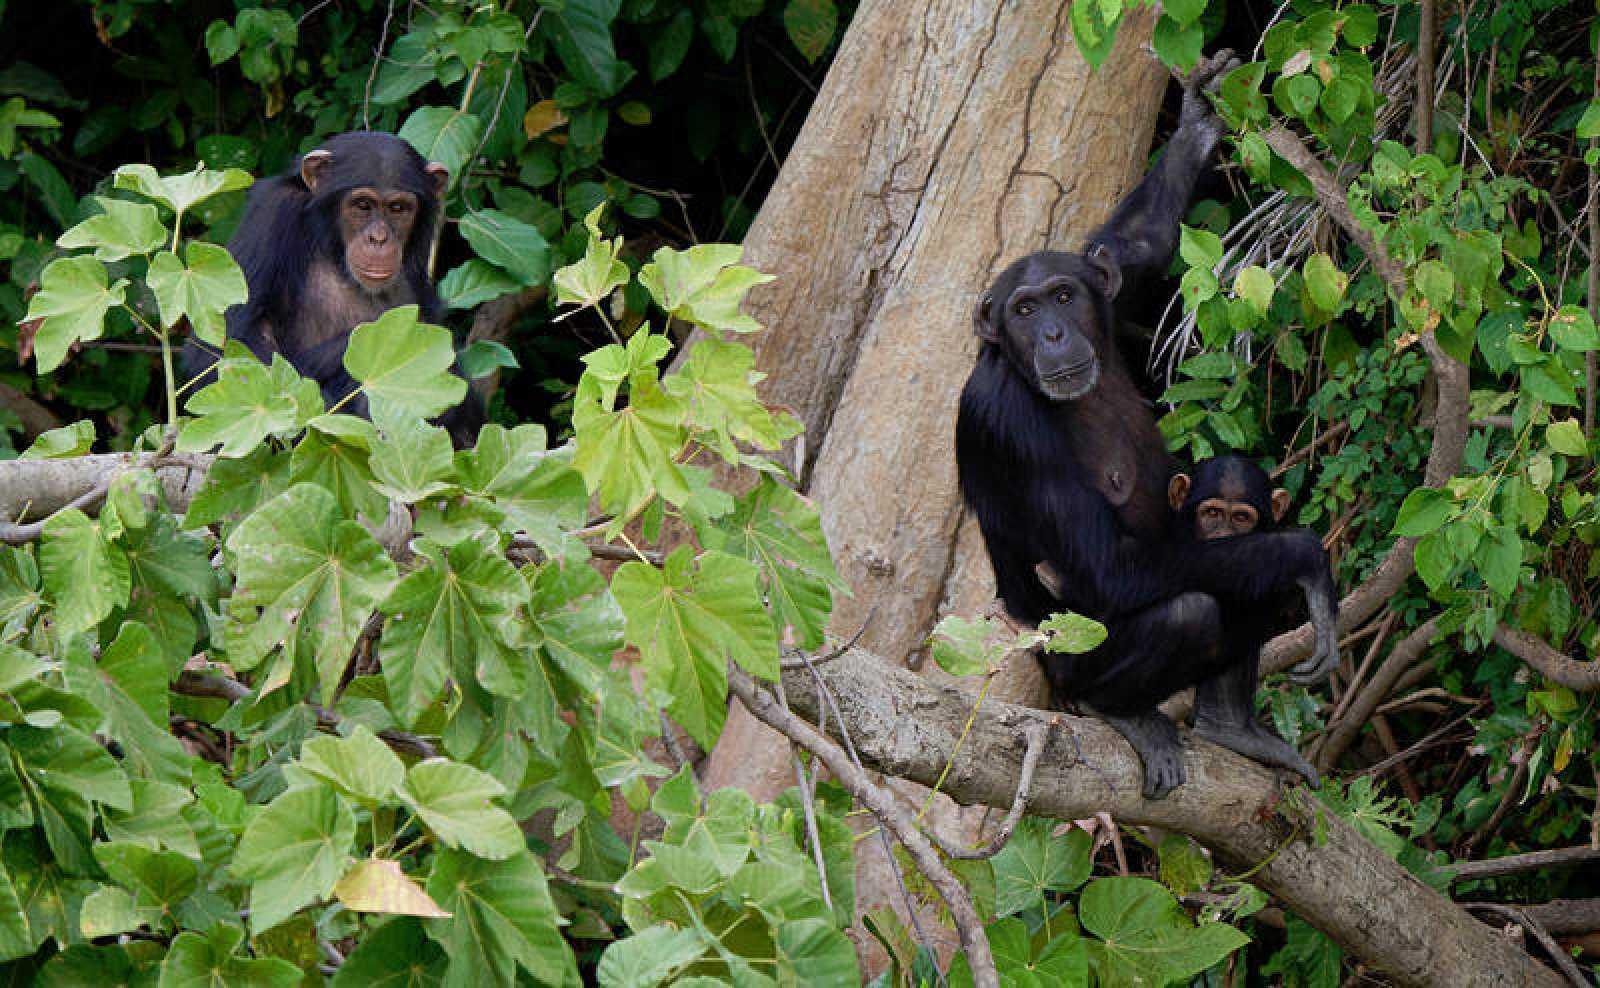 El chimpancé es el pariente vivo más cercano al ser humano.